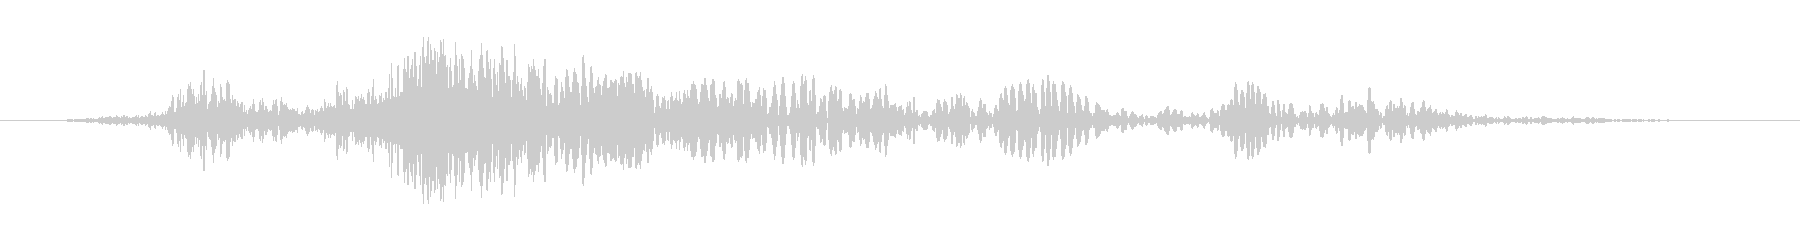 乱流ホイップラッシュウーシュ3の未再生の波形